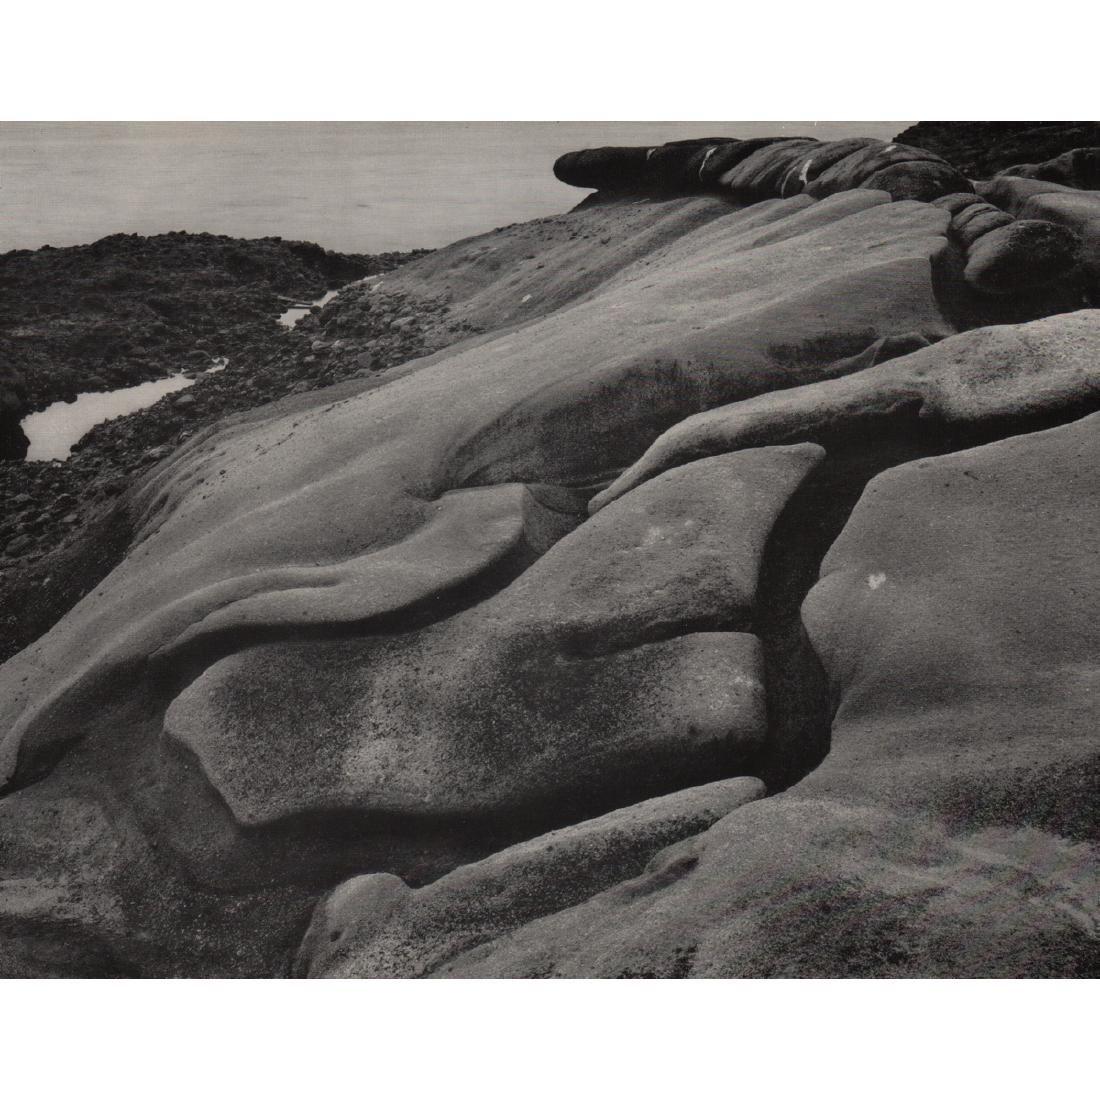 EDWARD WESTON - Rock Erosion, South Shore, 1938